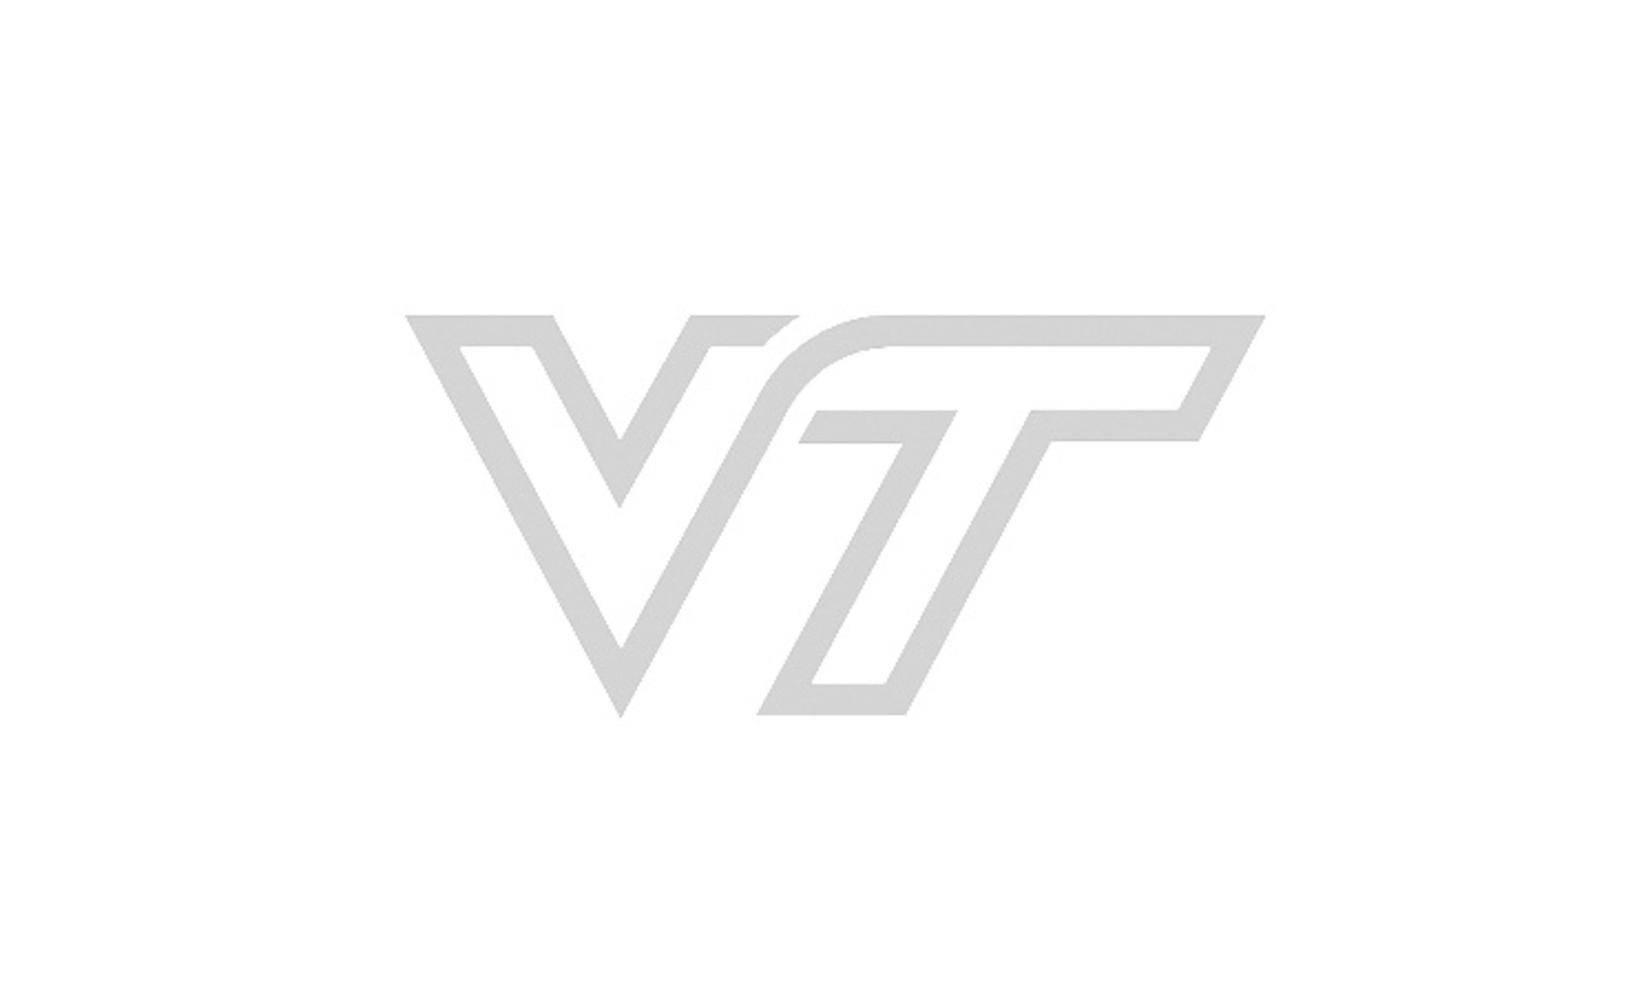 VT_Logosmal.jpg